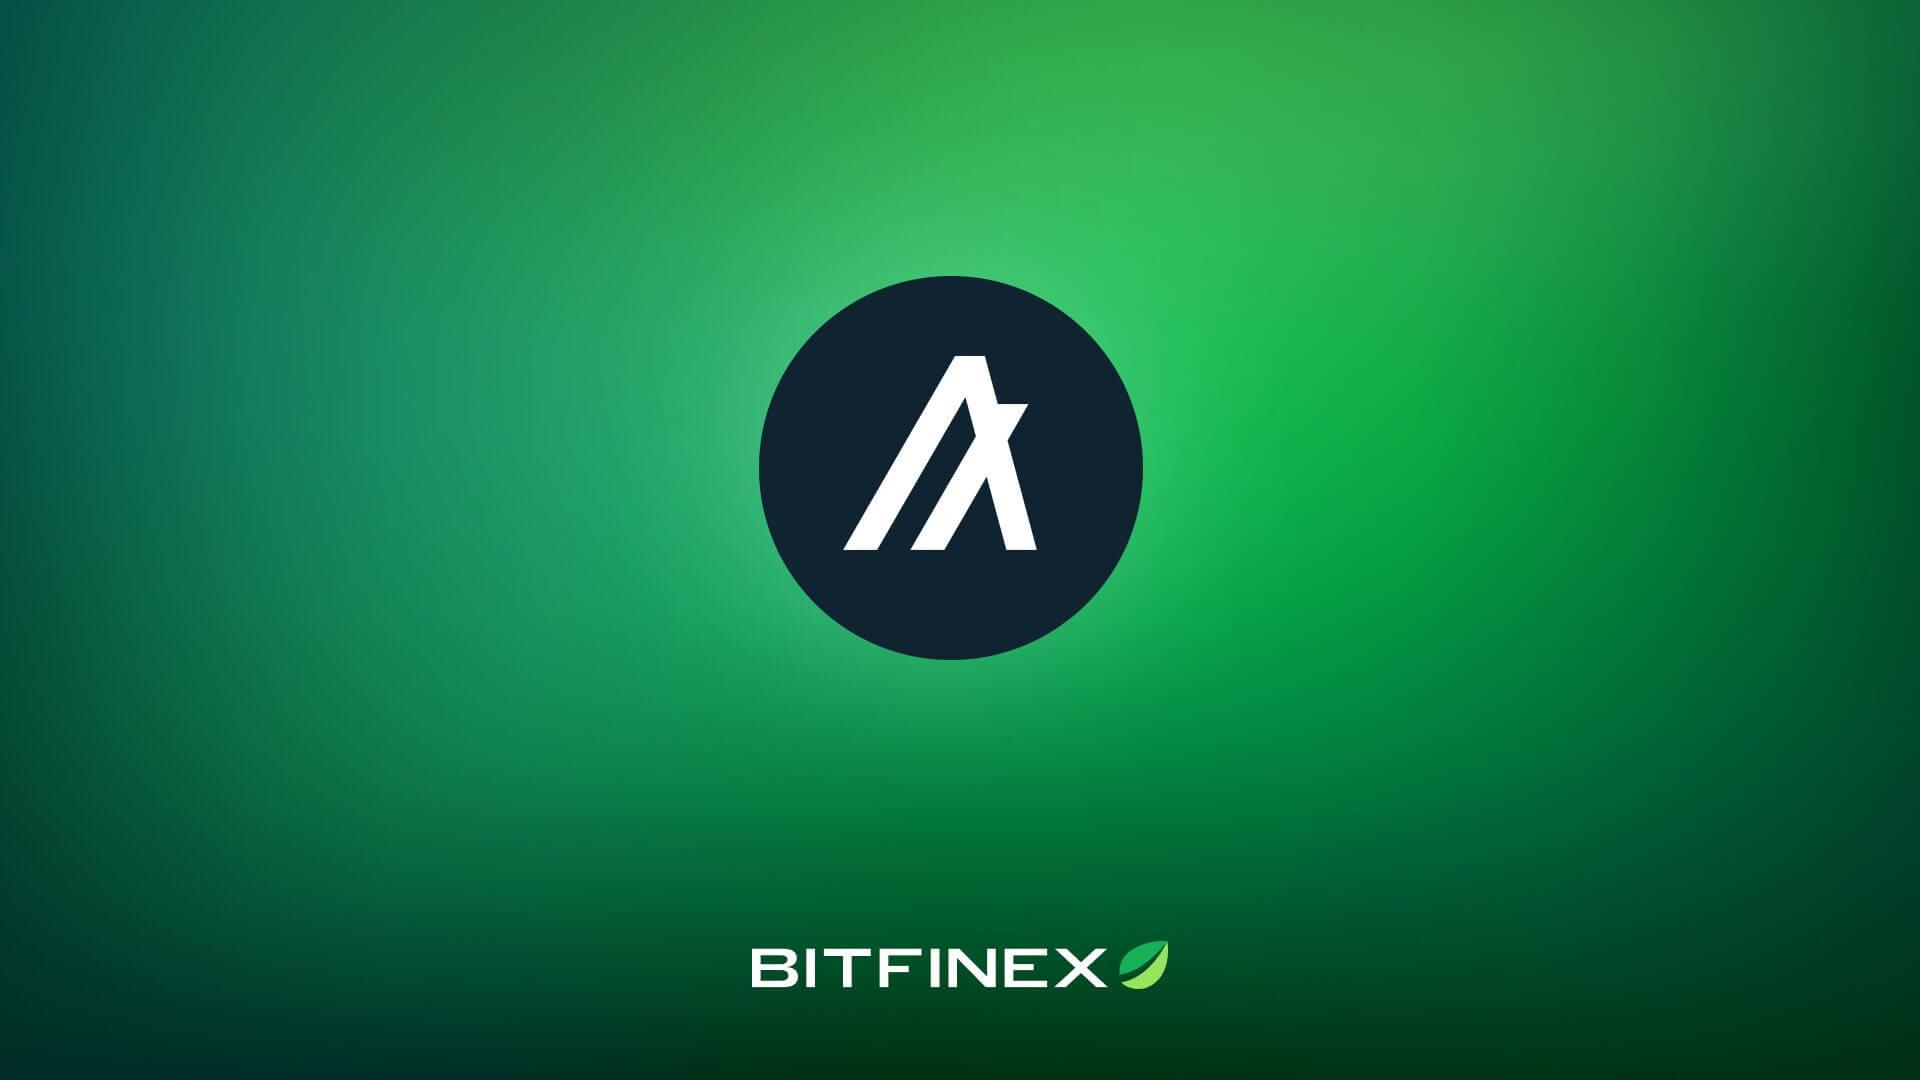 algorand bitfinex